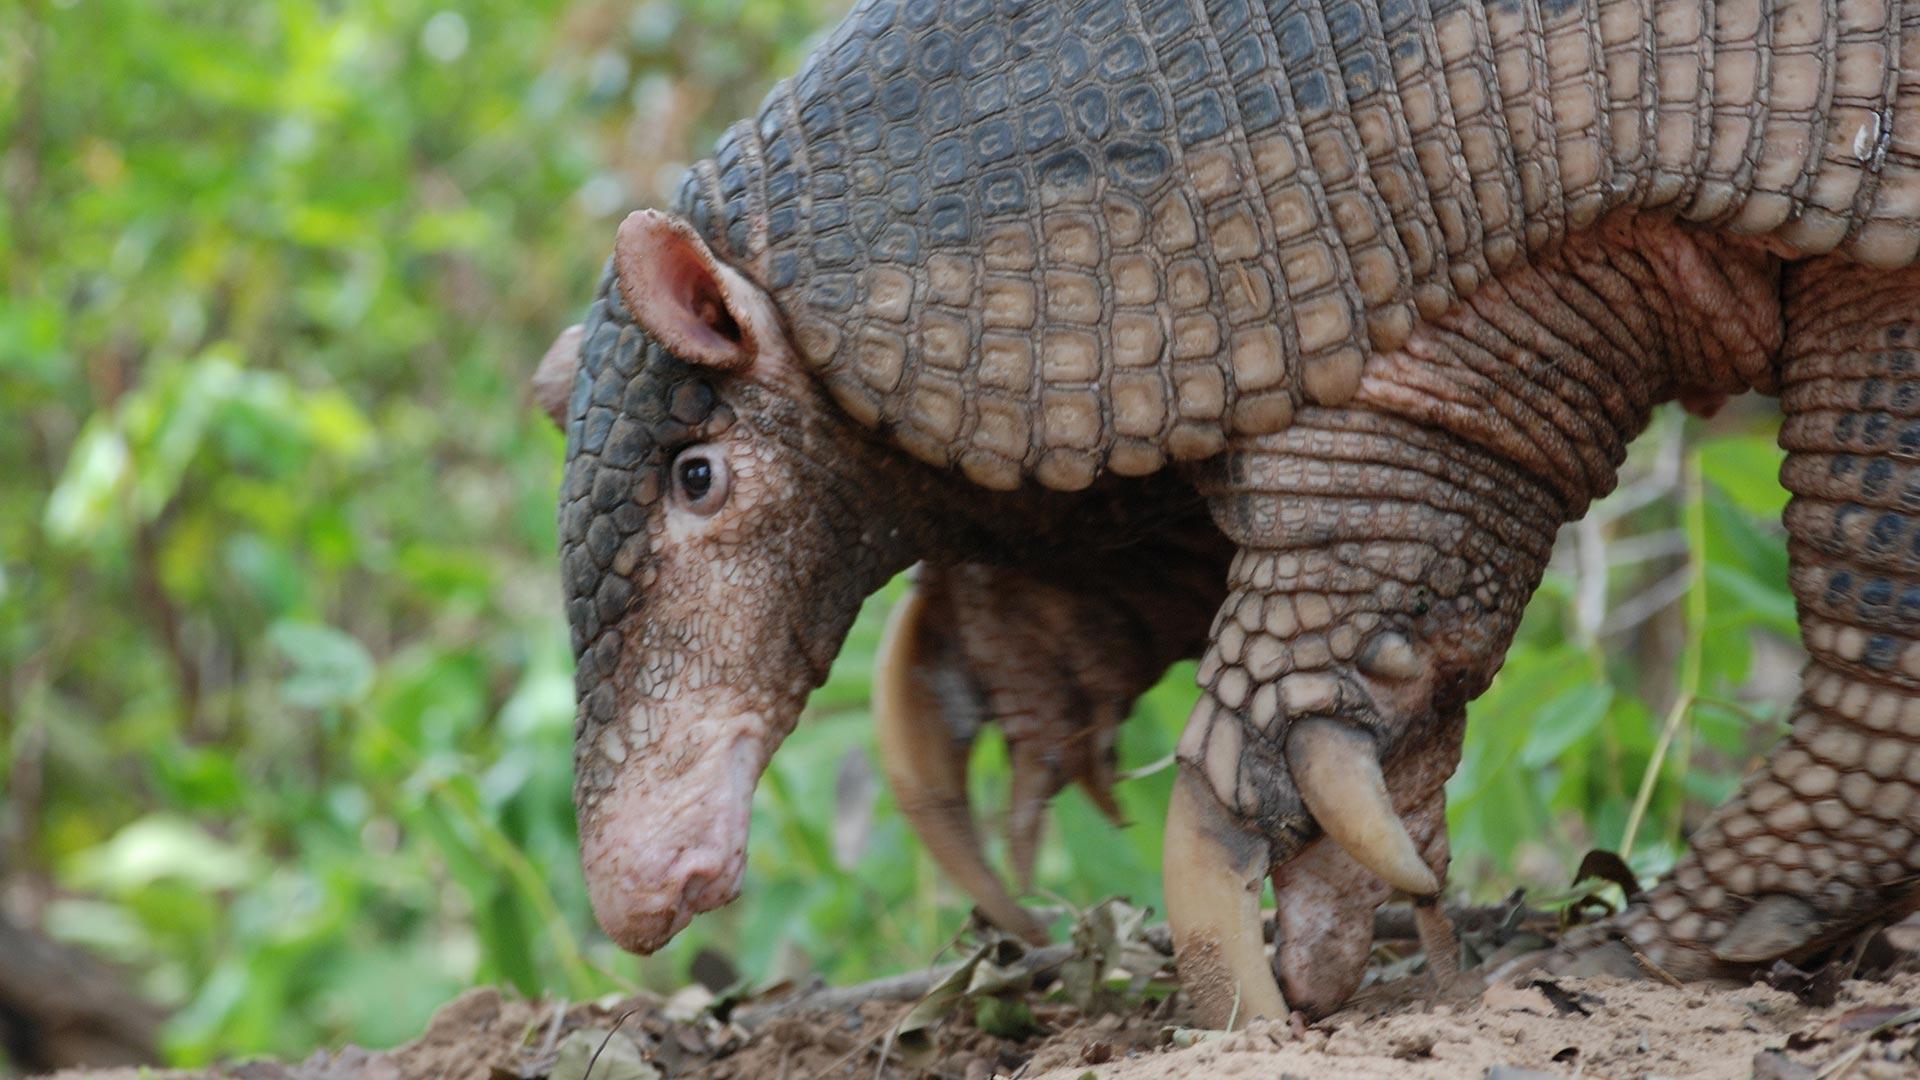 Giant armadillo. Mato Grosso do Sul, Brazil.